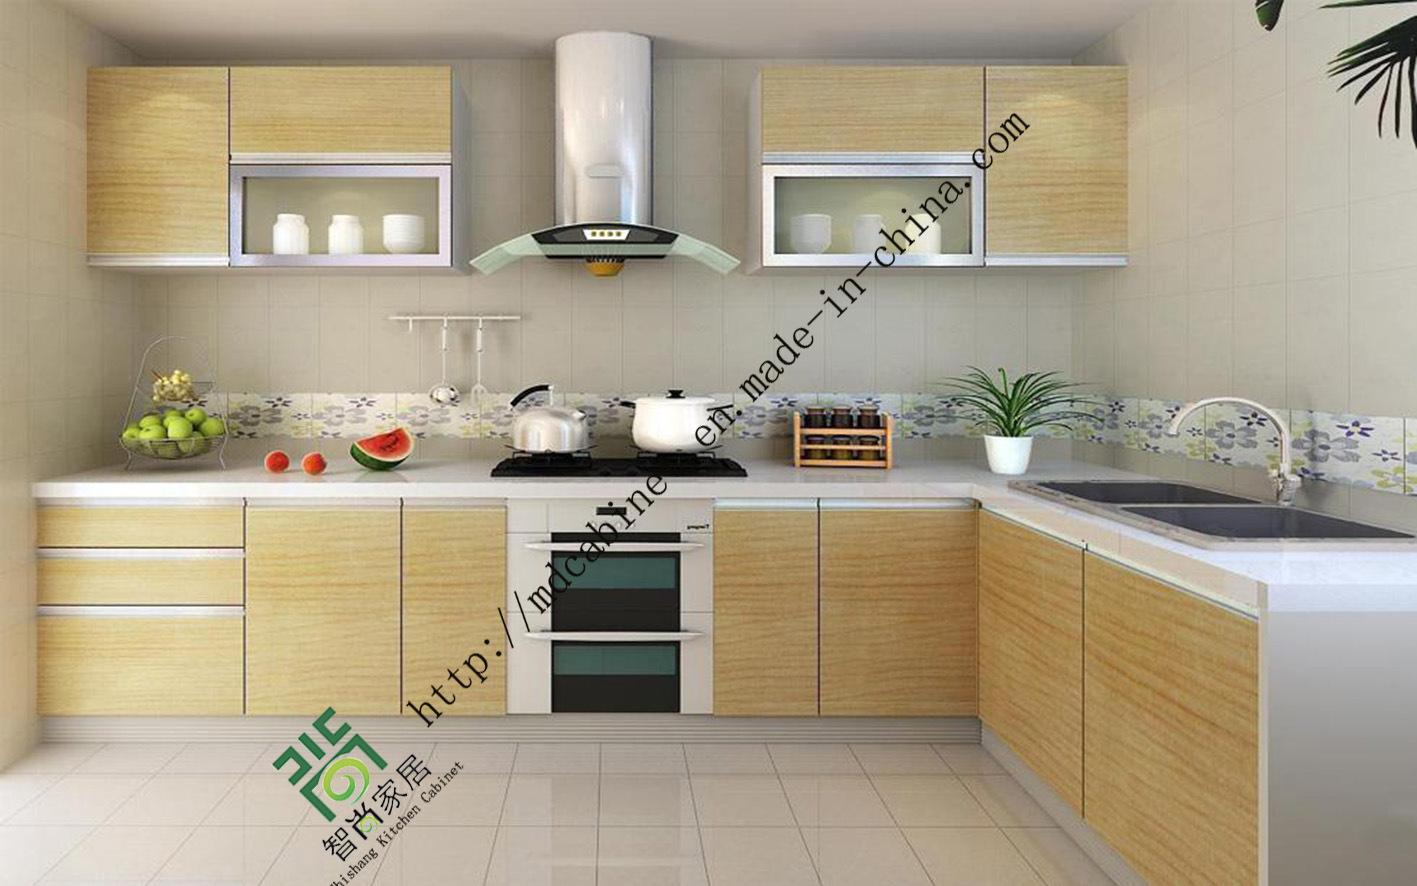 Kitchen cabinet designs 2016 - China 2016 New Design Uv Kitchen Cabinet Zs 156 Photos